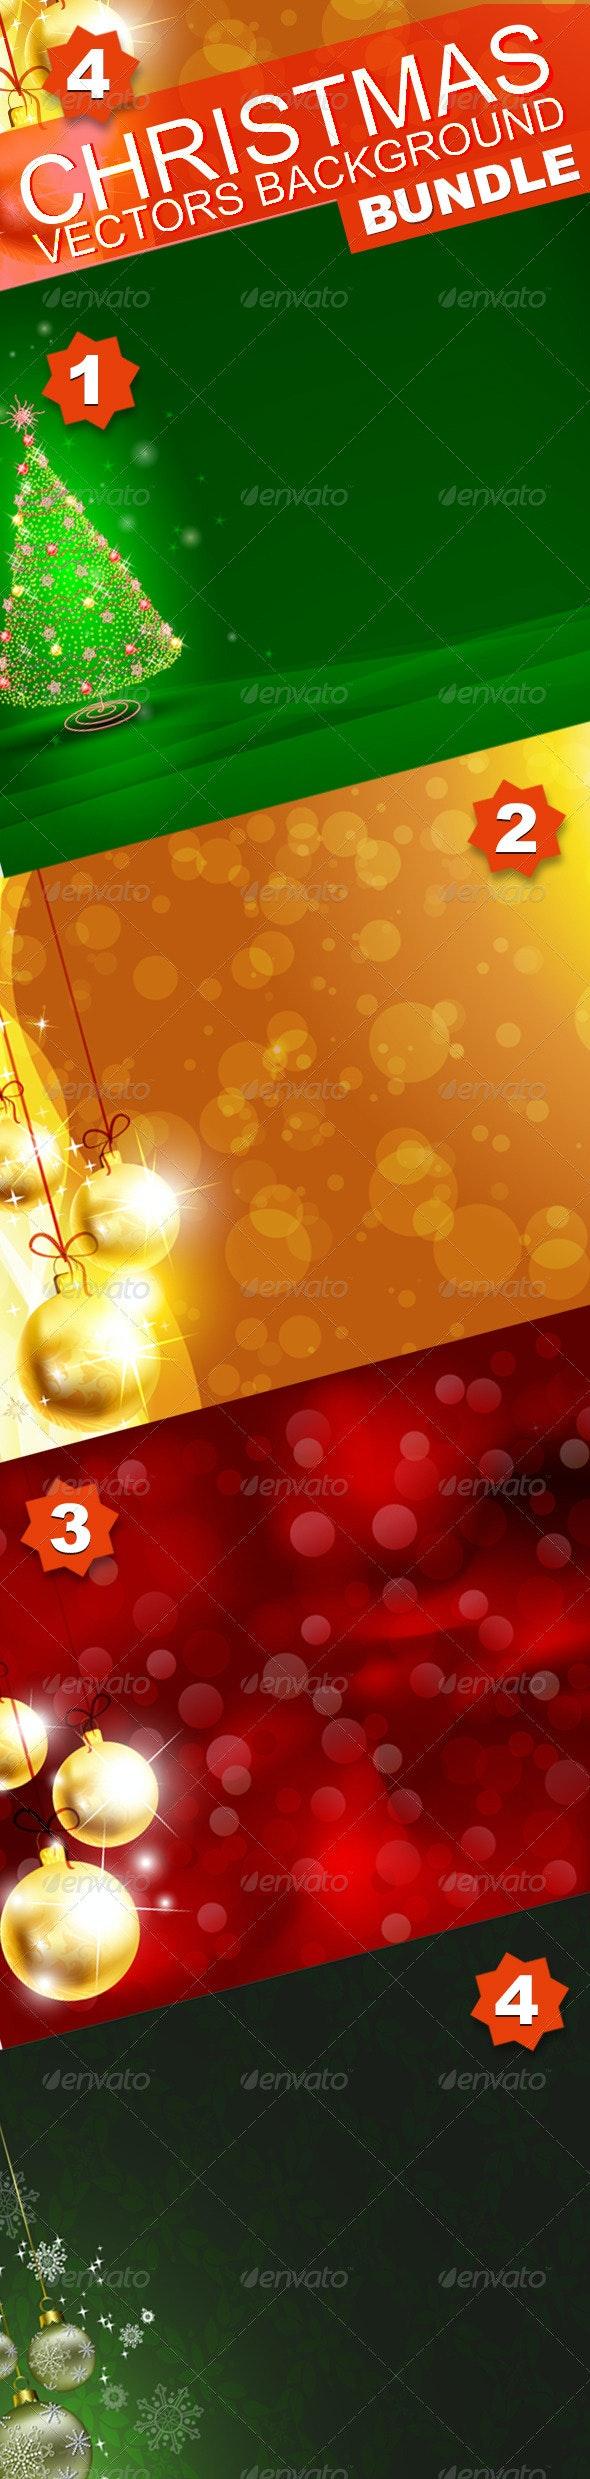 Christmas background Bundle - Christmas Seasons/Holidays